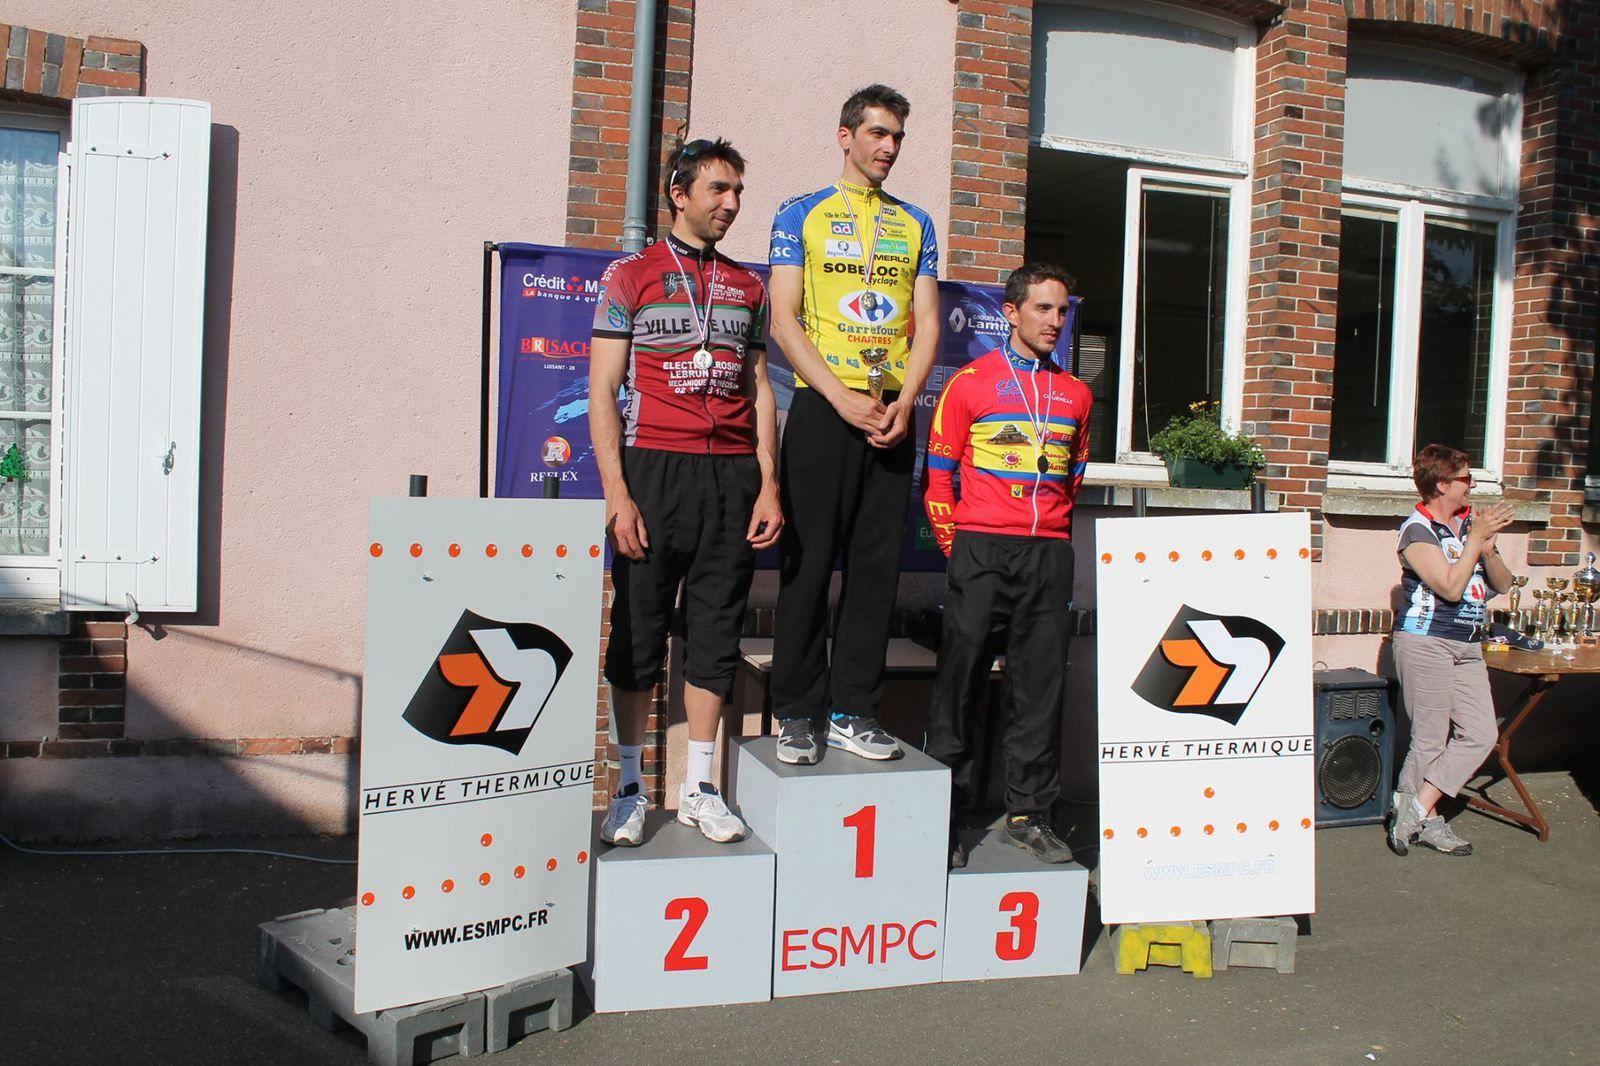 Le podium 28 des 3